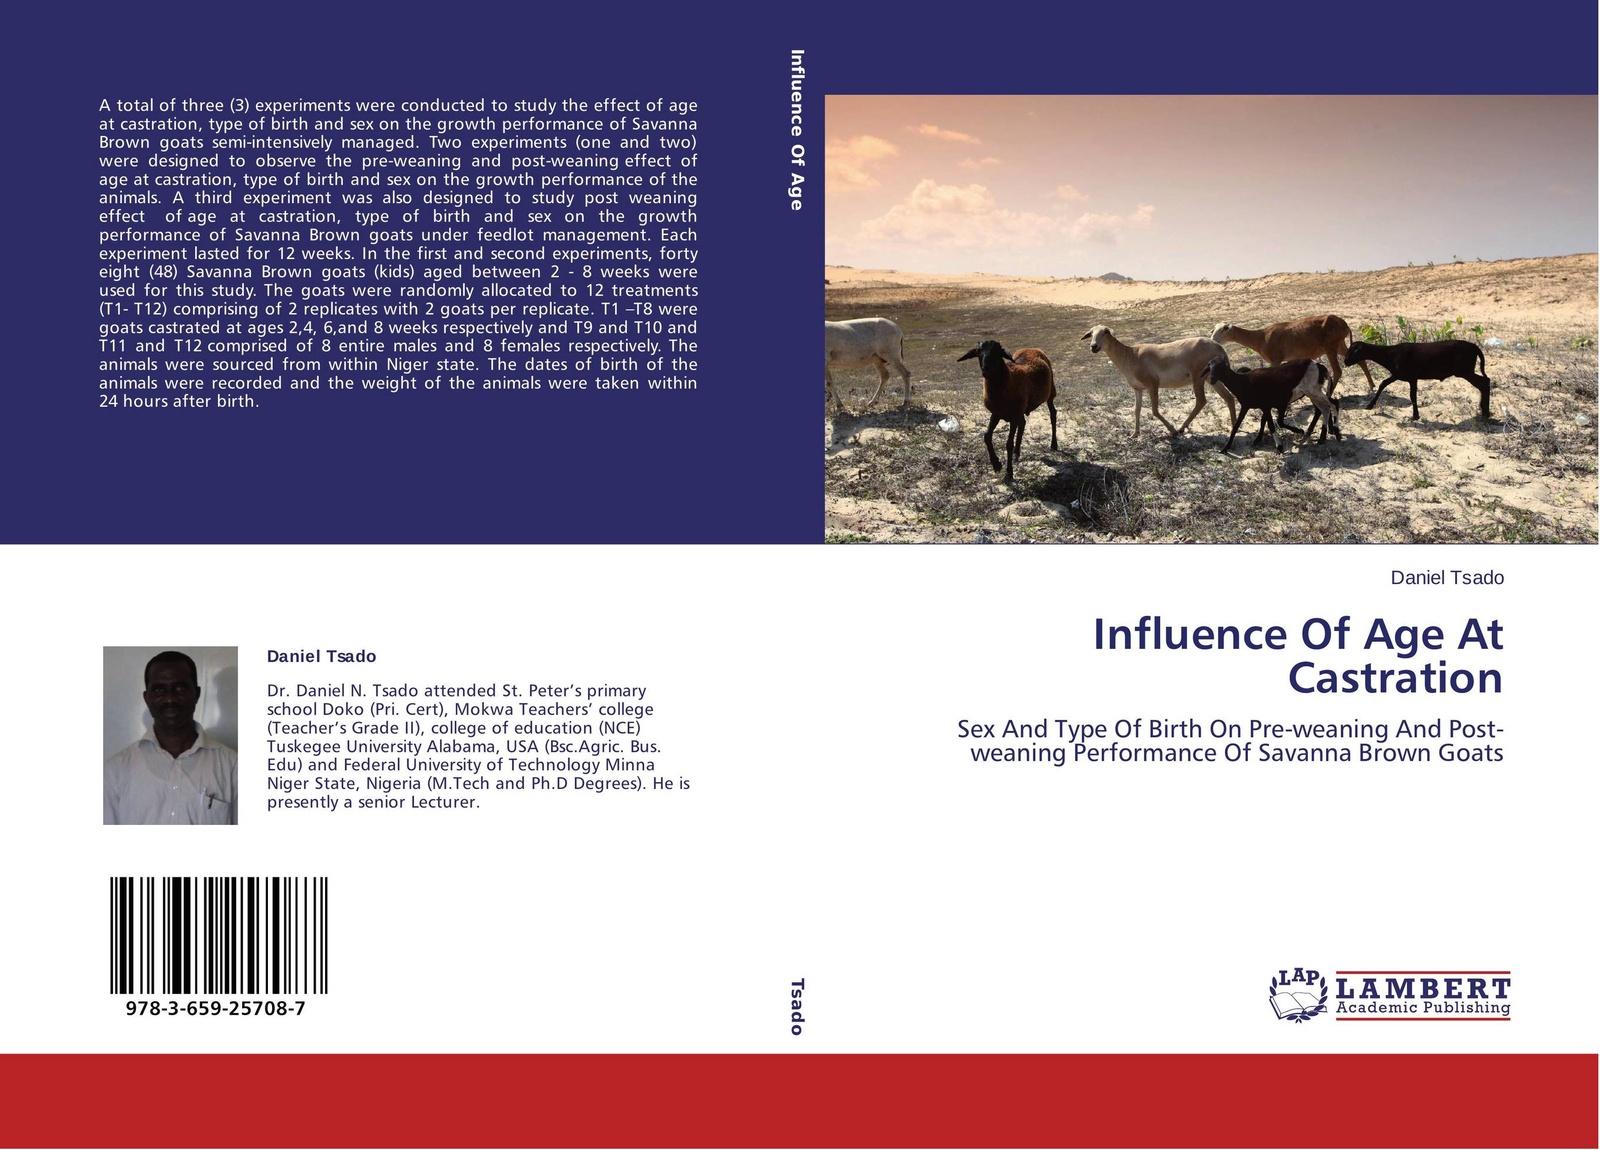 Daniel Tsado Influence Of Age At Castration недорго, оригинальная цена